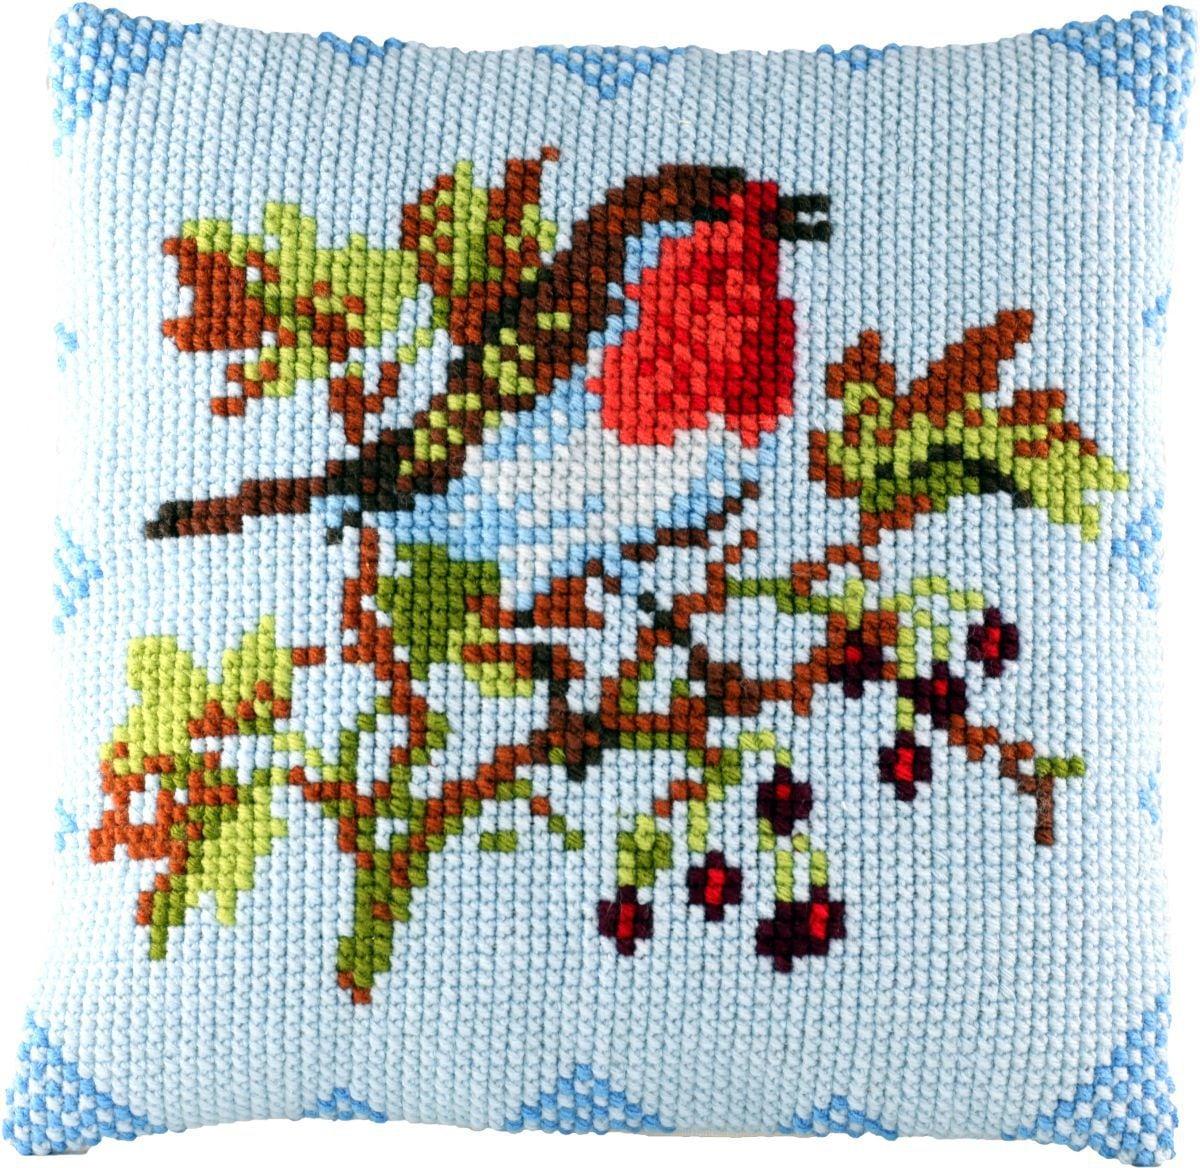 cross stitch cushion redbreast printed